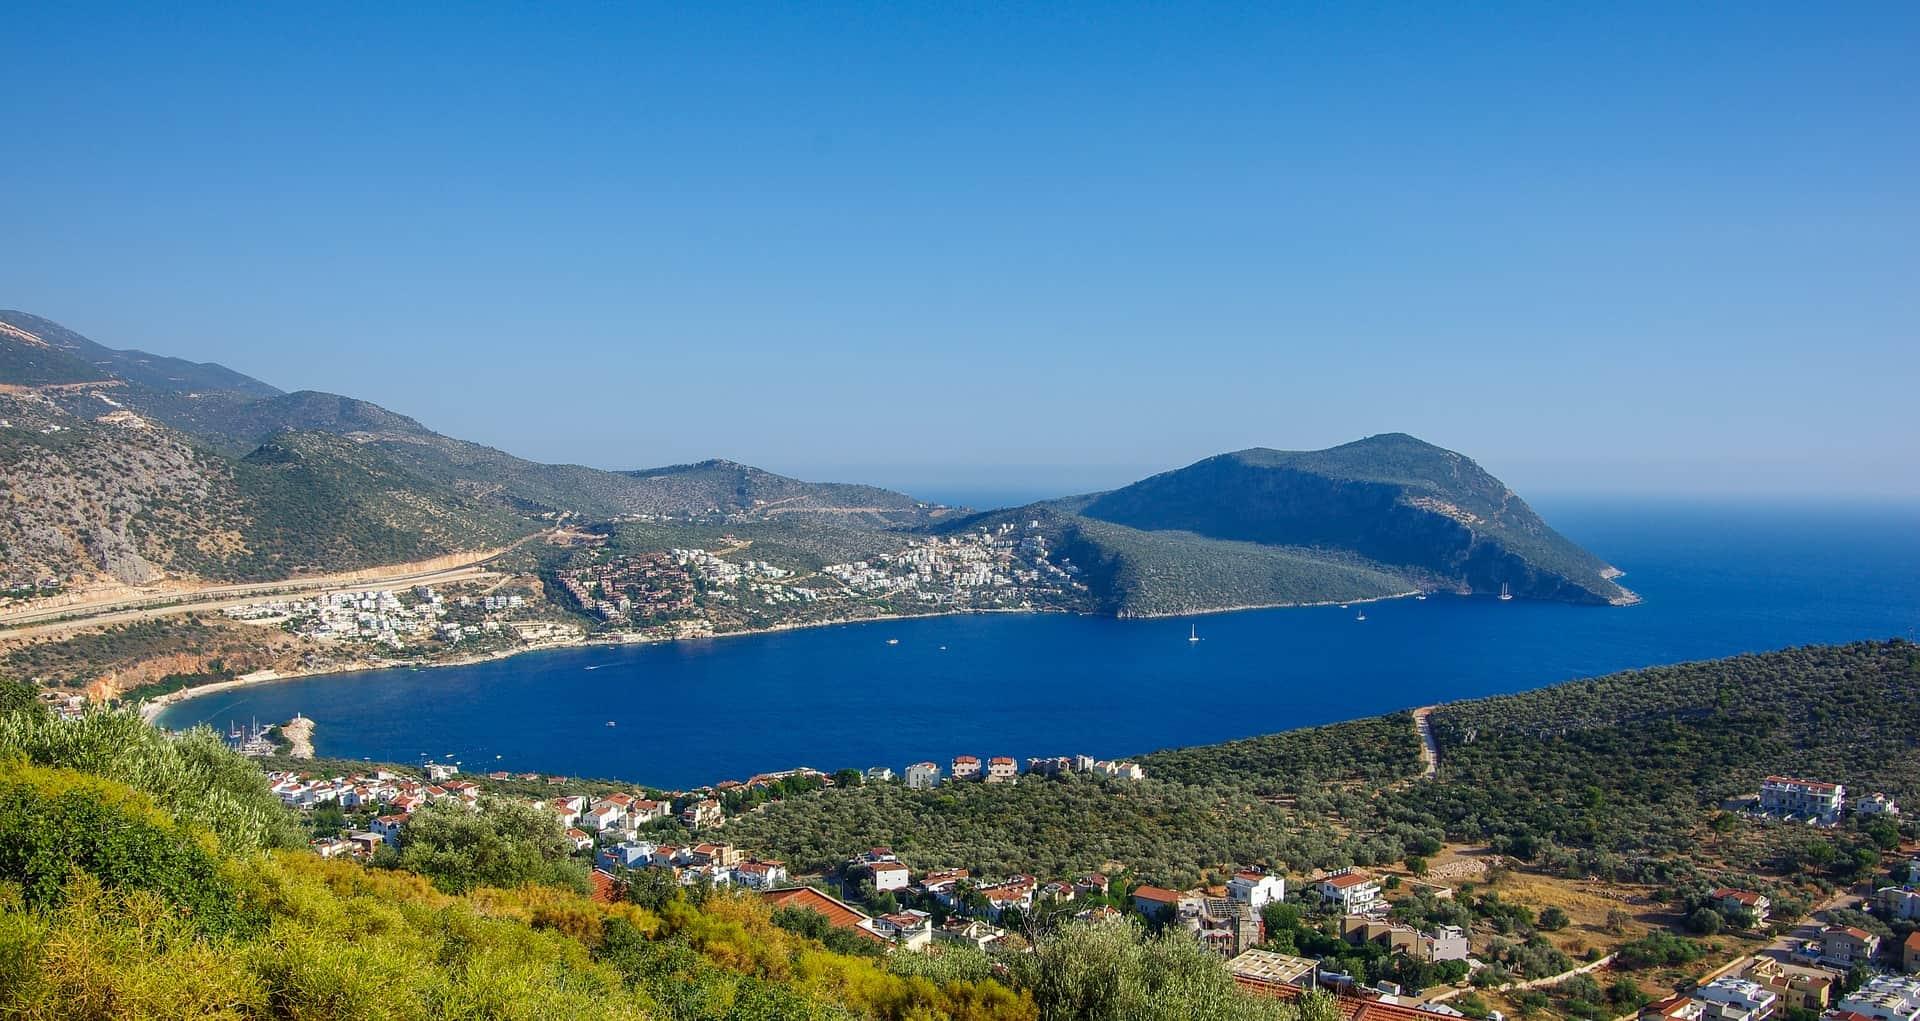 Blaue Reise in der Türkei